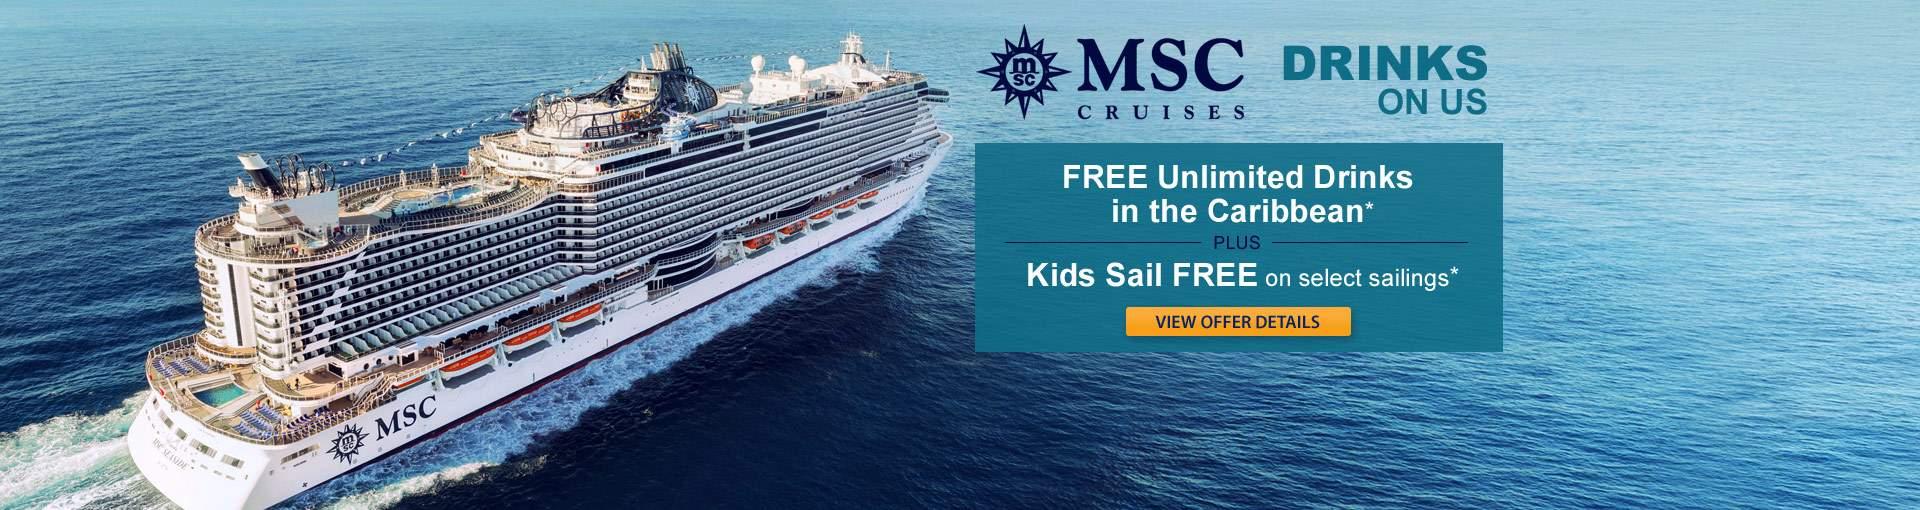 MSC Cruises Drinks On Us plus Kids Sail FREE*